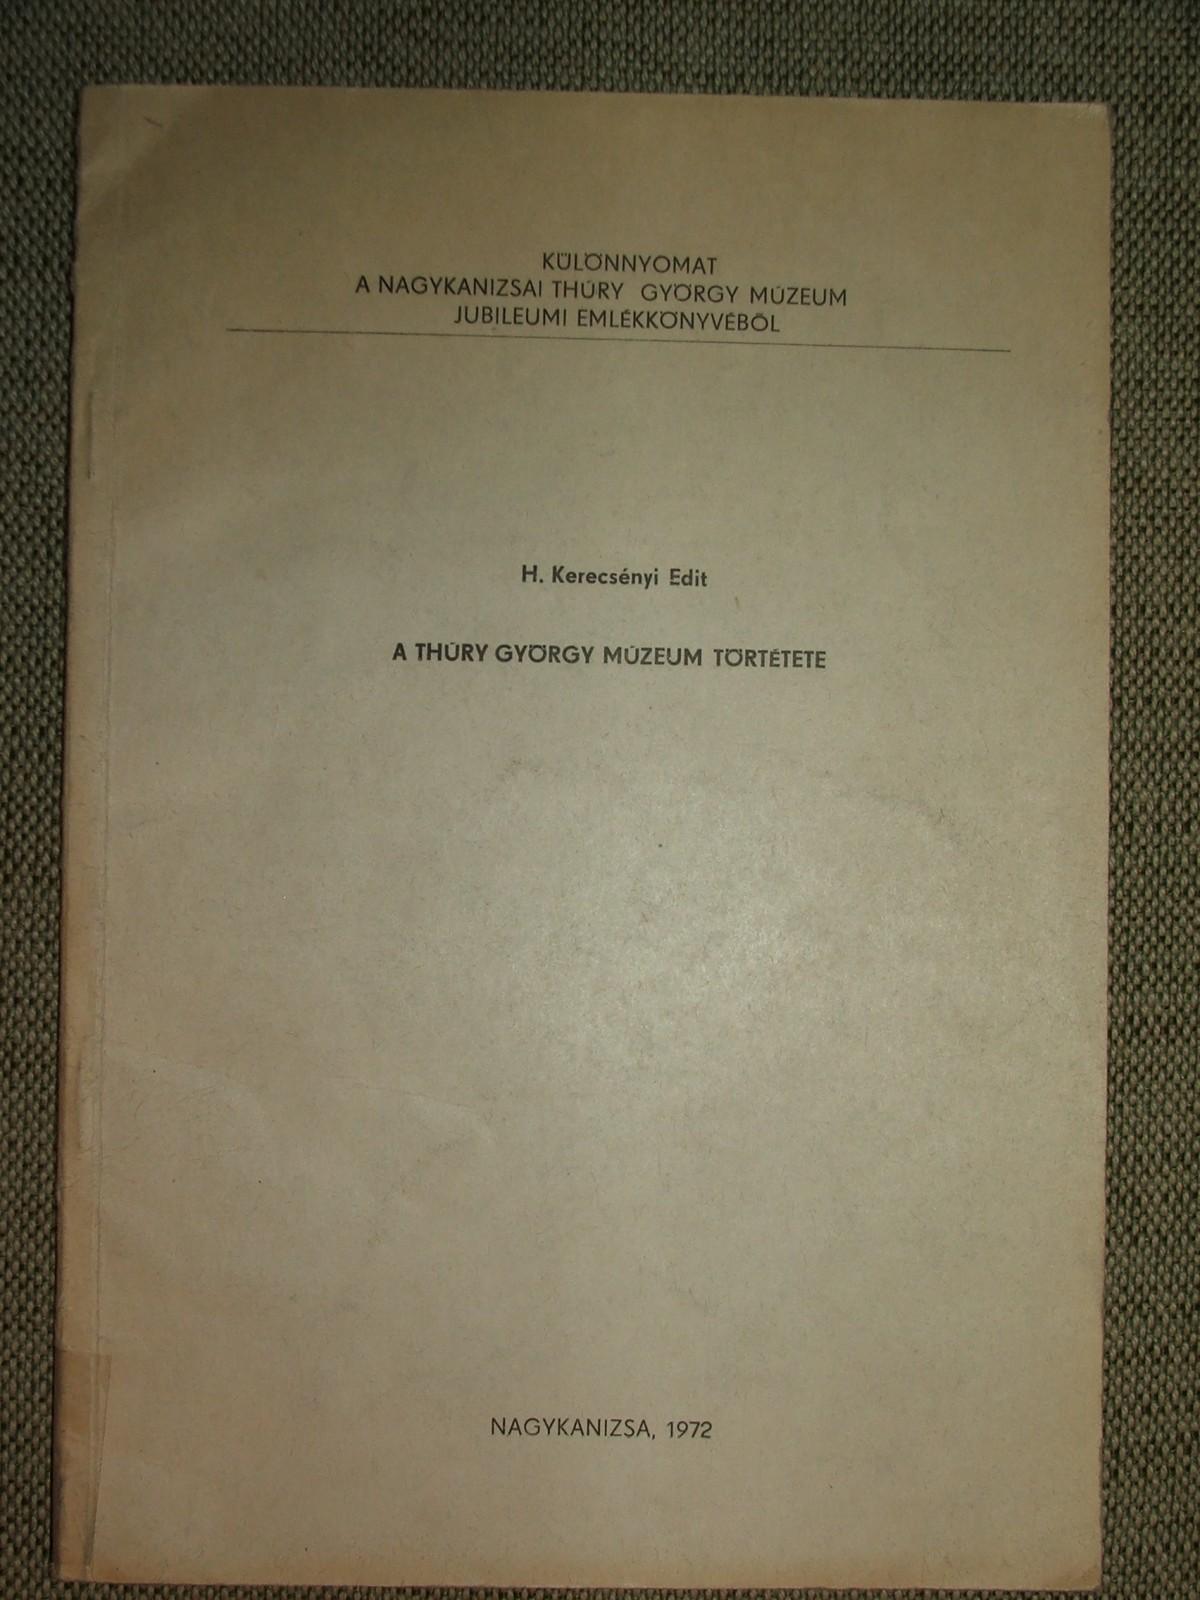 KERECSÉNYI Edit, H.: A Thúry György Múzeum története